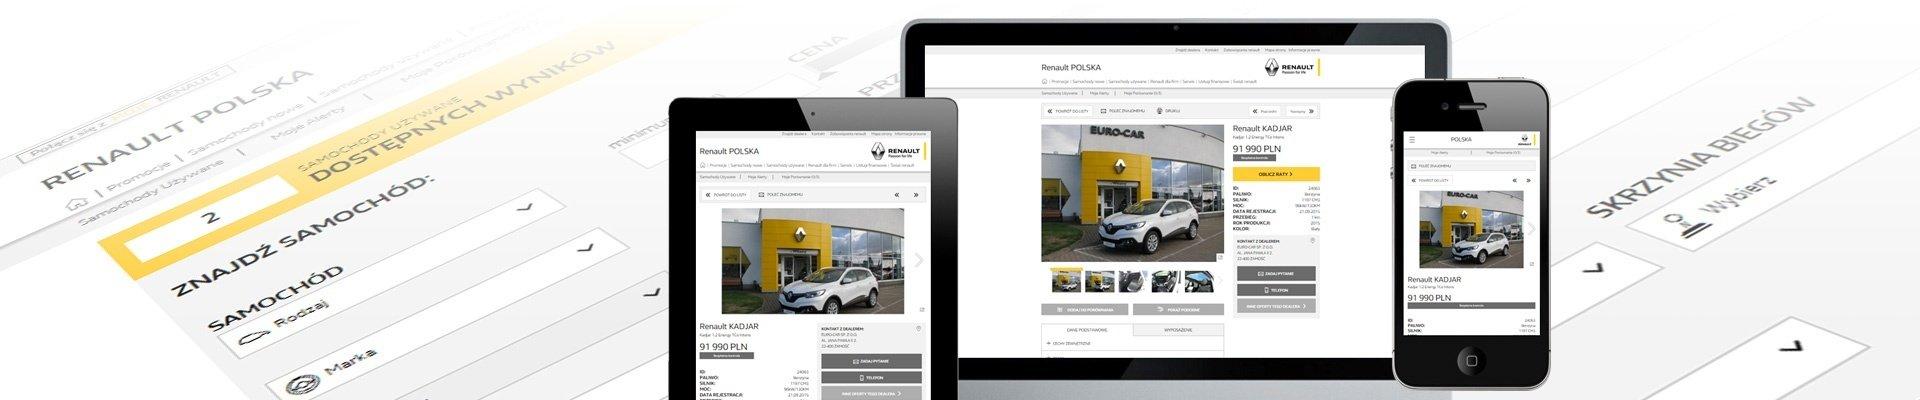 Znajdź swój wymarzony samochód używany dzięki wyszukiwarce Used Cars Search Engine!